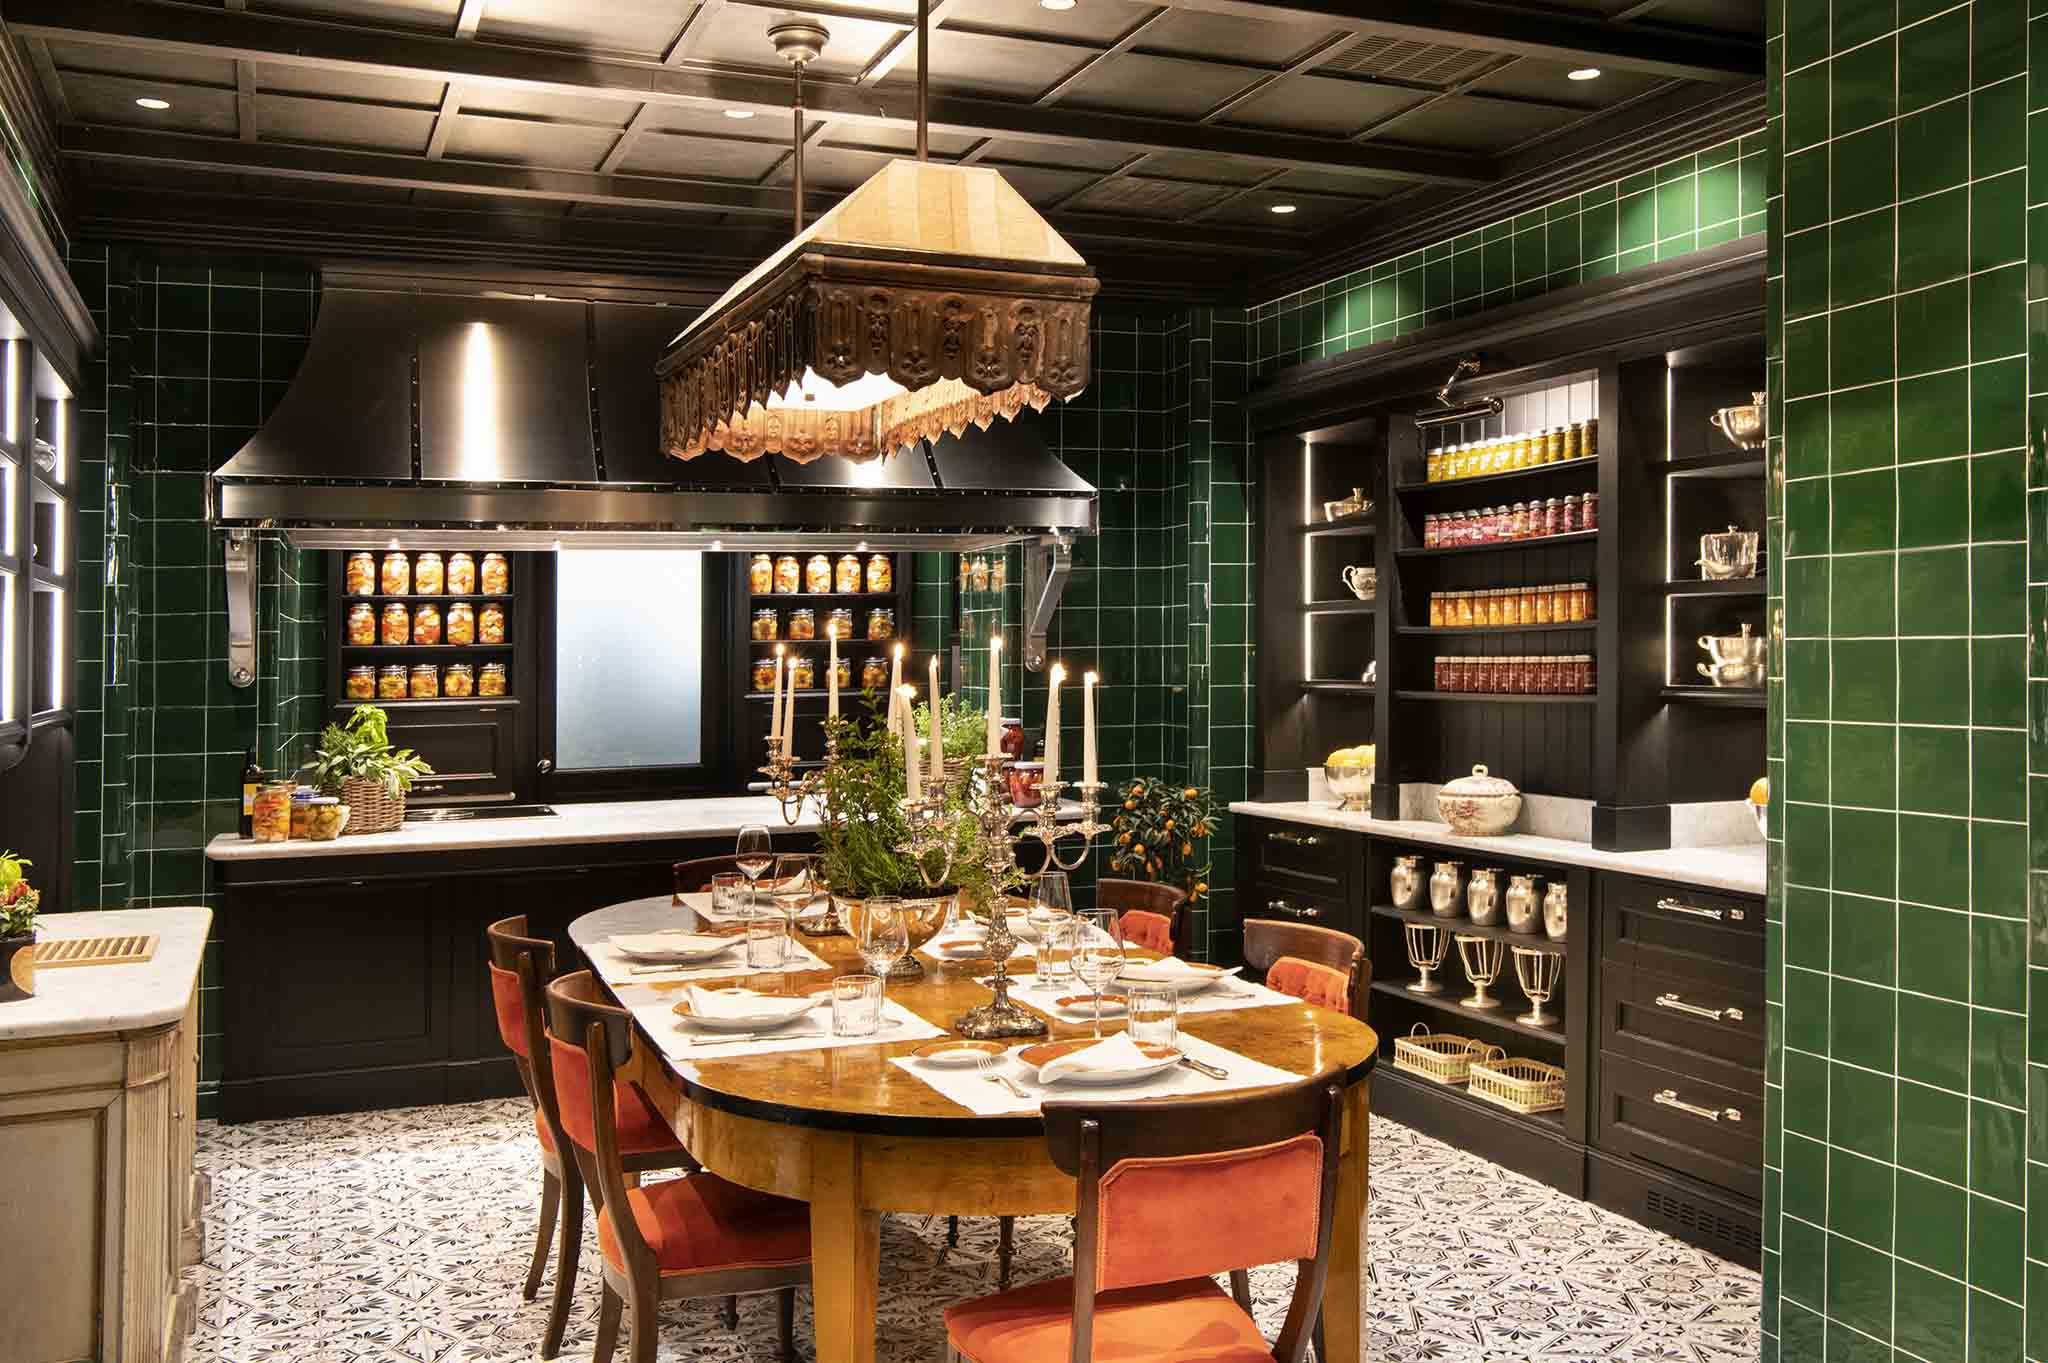 Starhotels Helvetia & Bristol in Florence: Restaurant